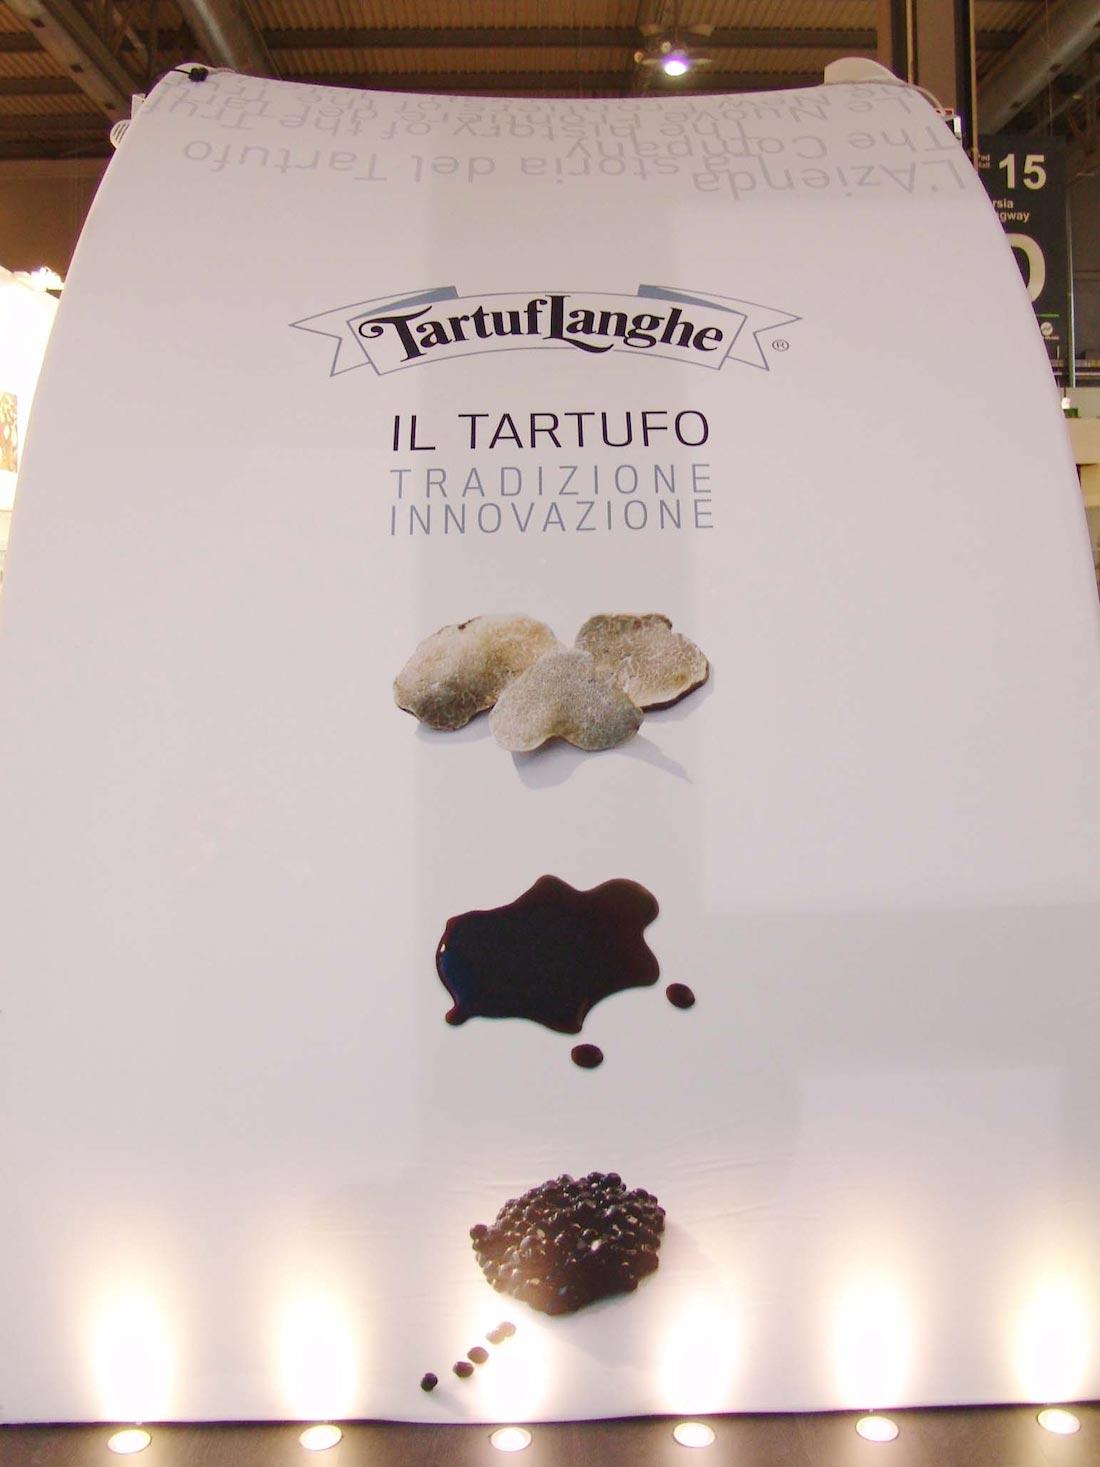 Tela decorativa stampata nello stand Tartuflanghe allestito in occasione dell'esposizione internazionale Tuttofood 2013 al quartiere fieristico di Milano